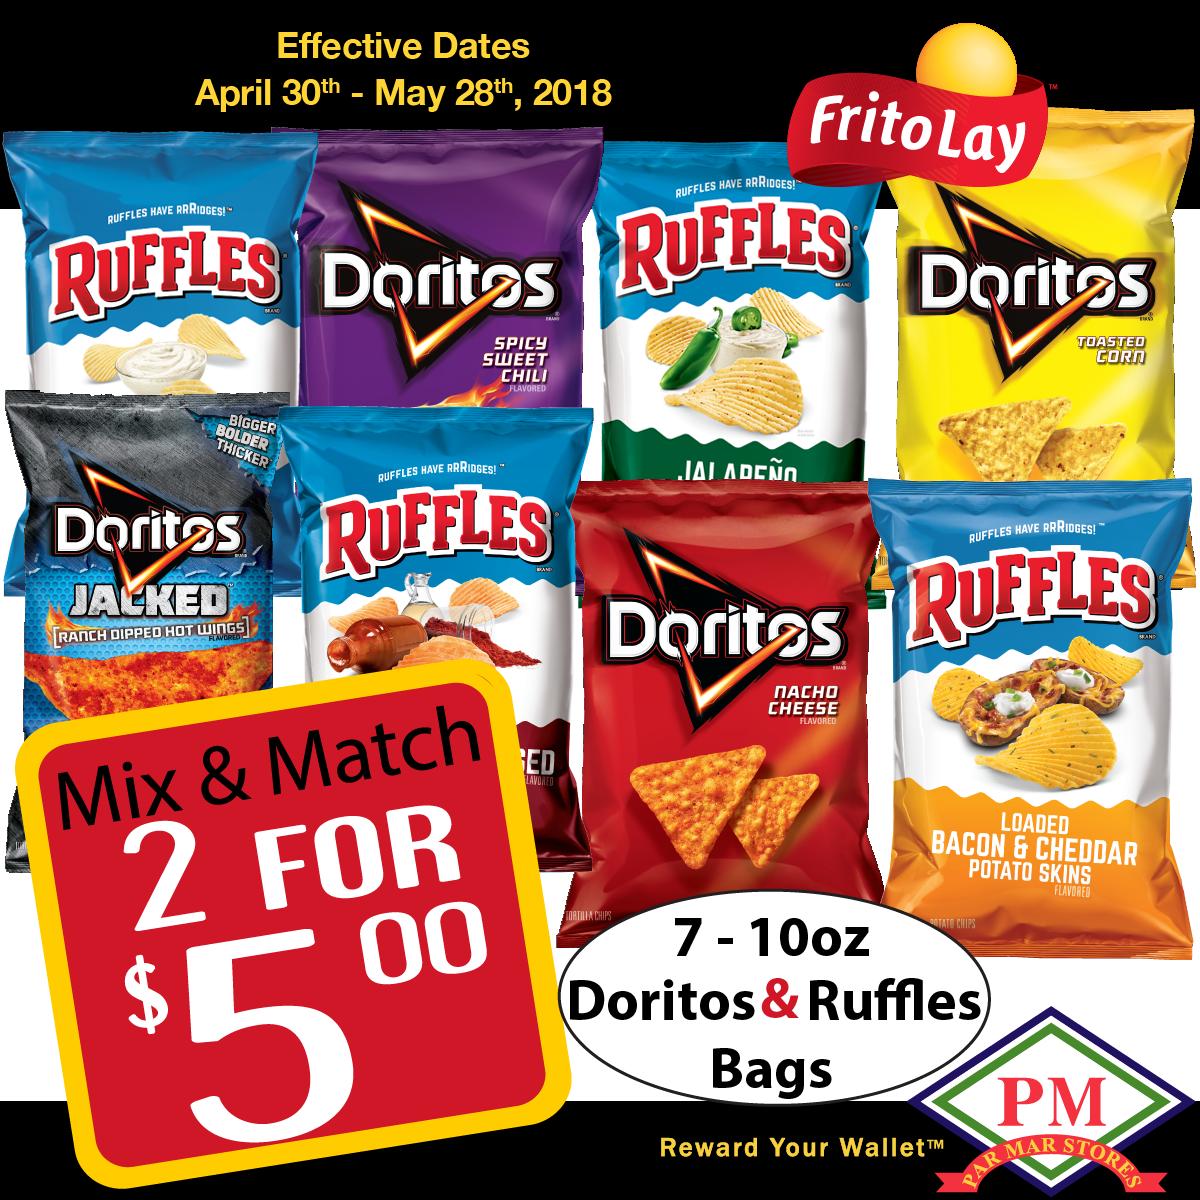 Dorito Ruffle_Doritos Promo